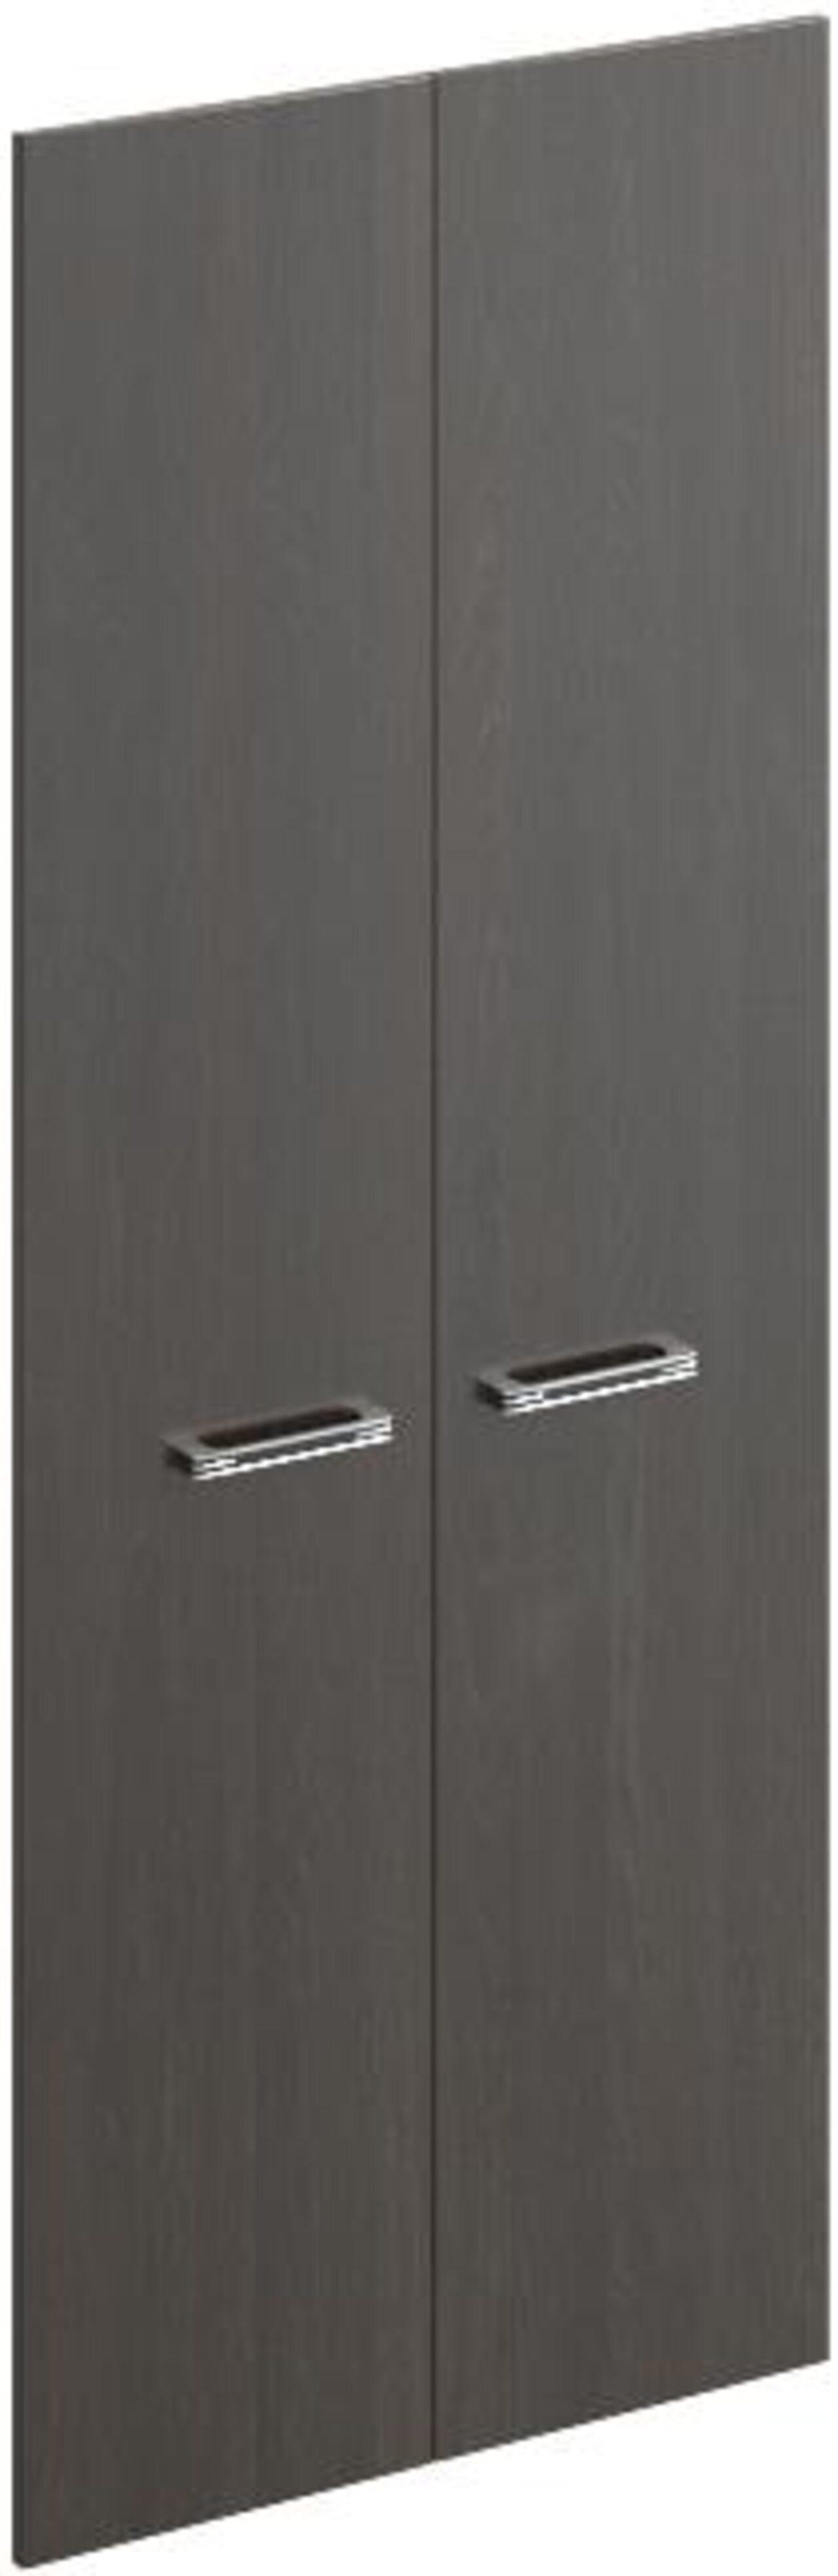 Комплект высоких дверей  Дельта 73x2x192 - фото 1